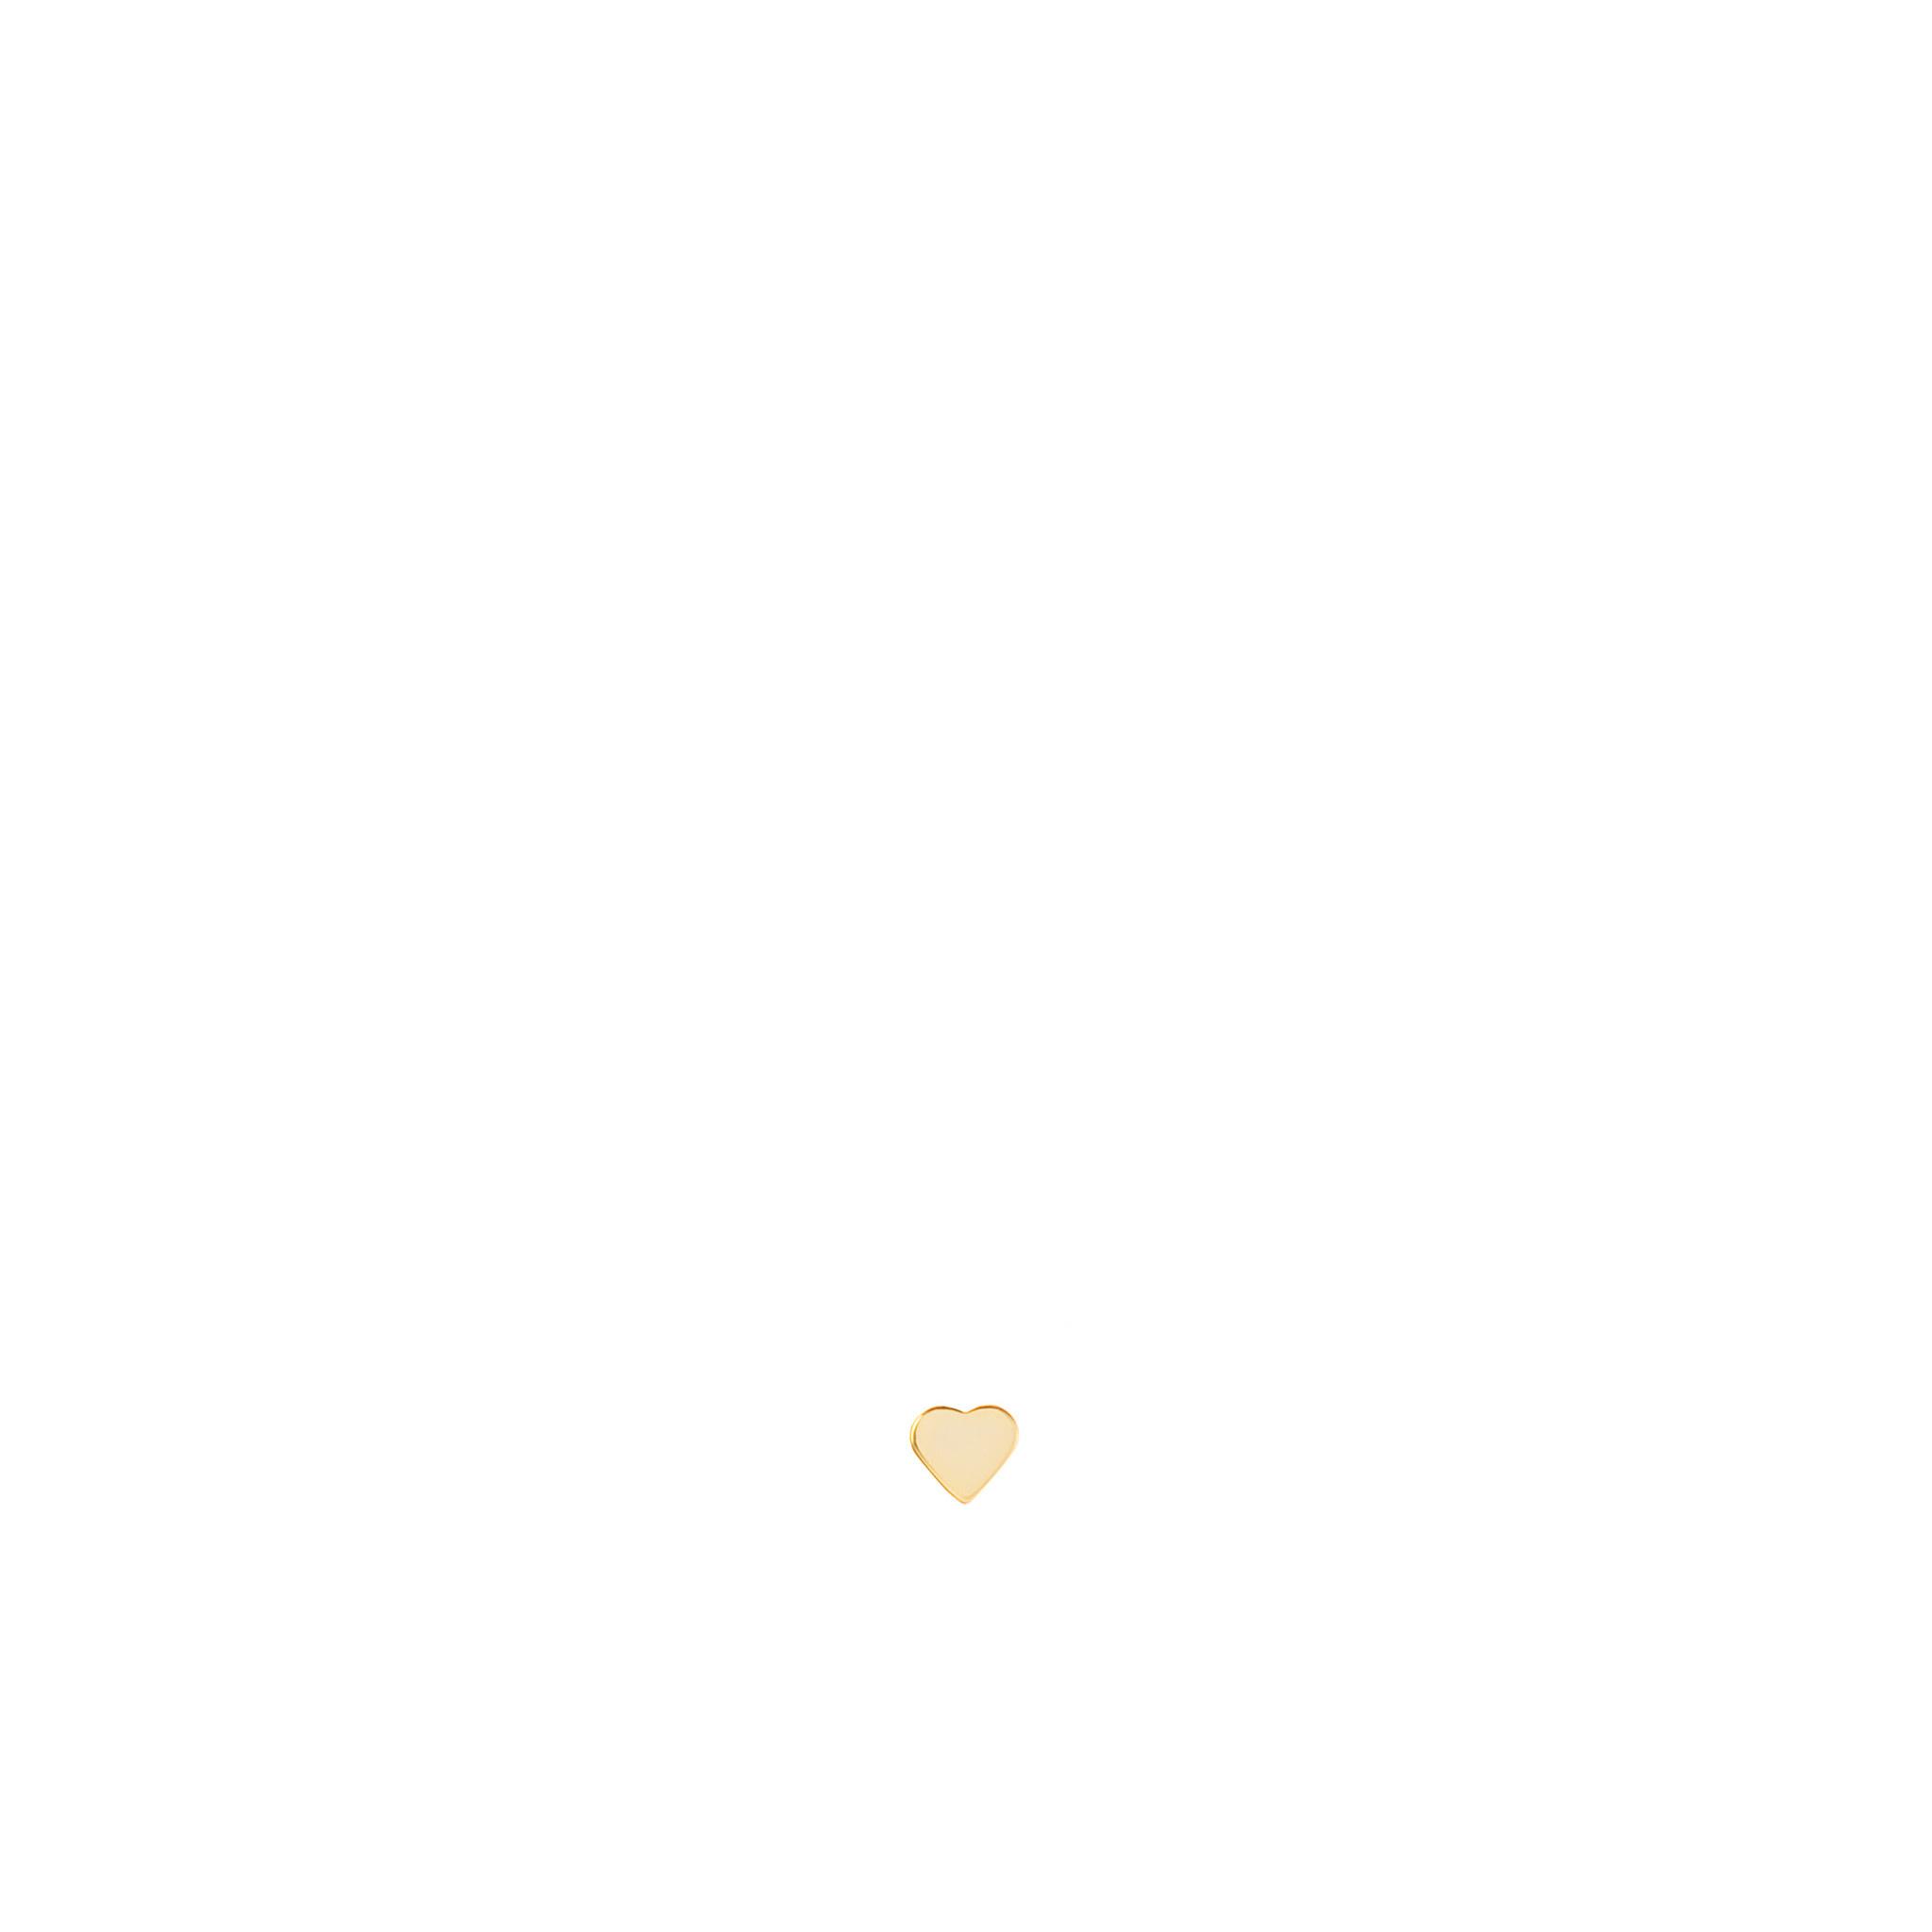 Jolie Heart